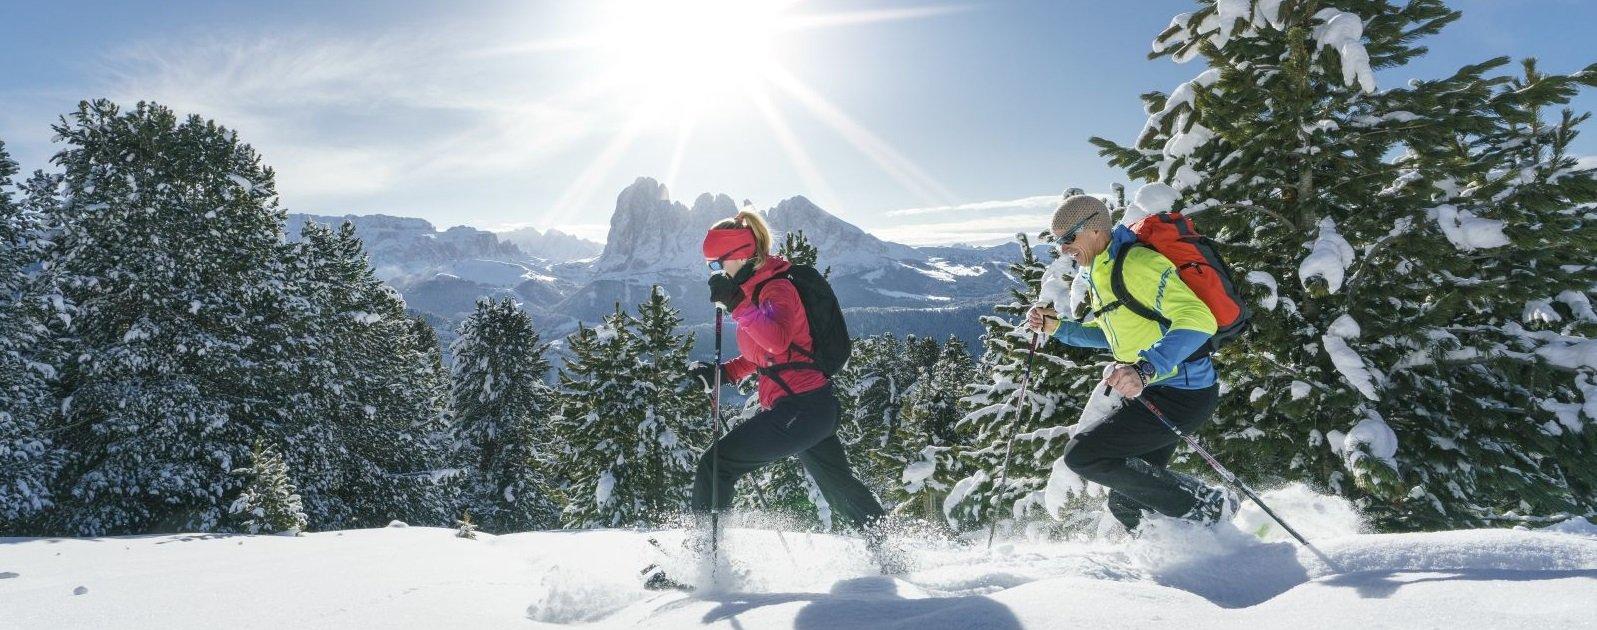 Schneeschuhwandern in Villnoess (c) Dietmar Denger